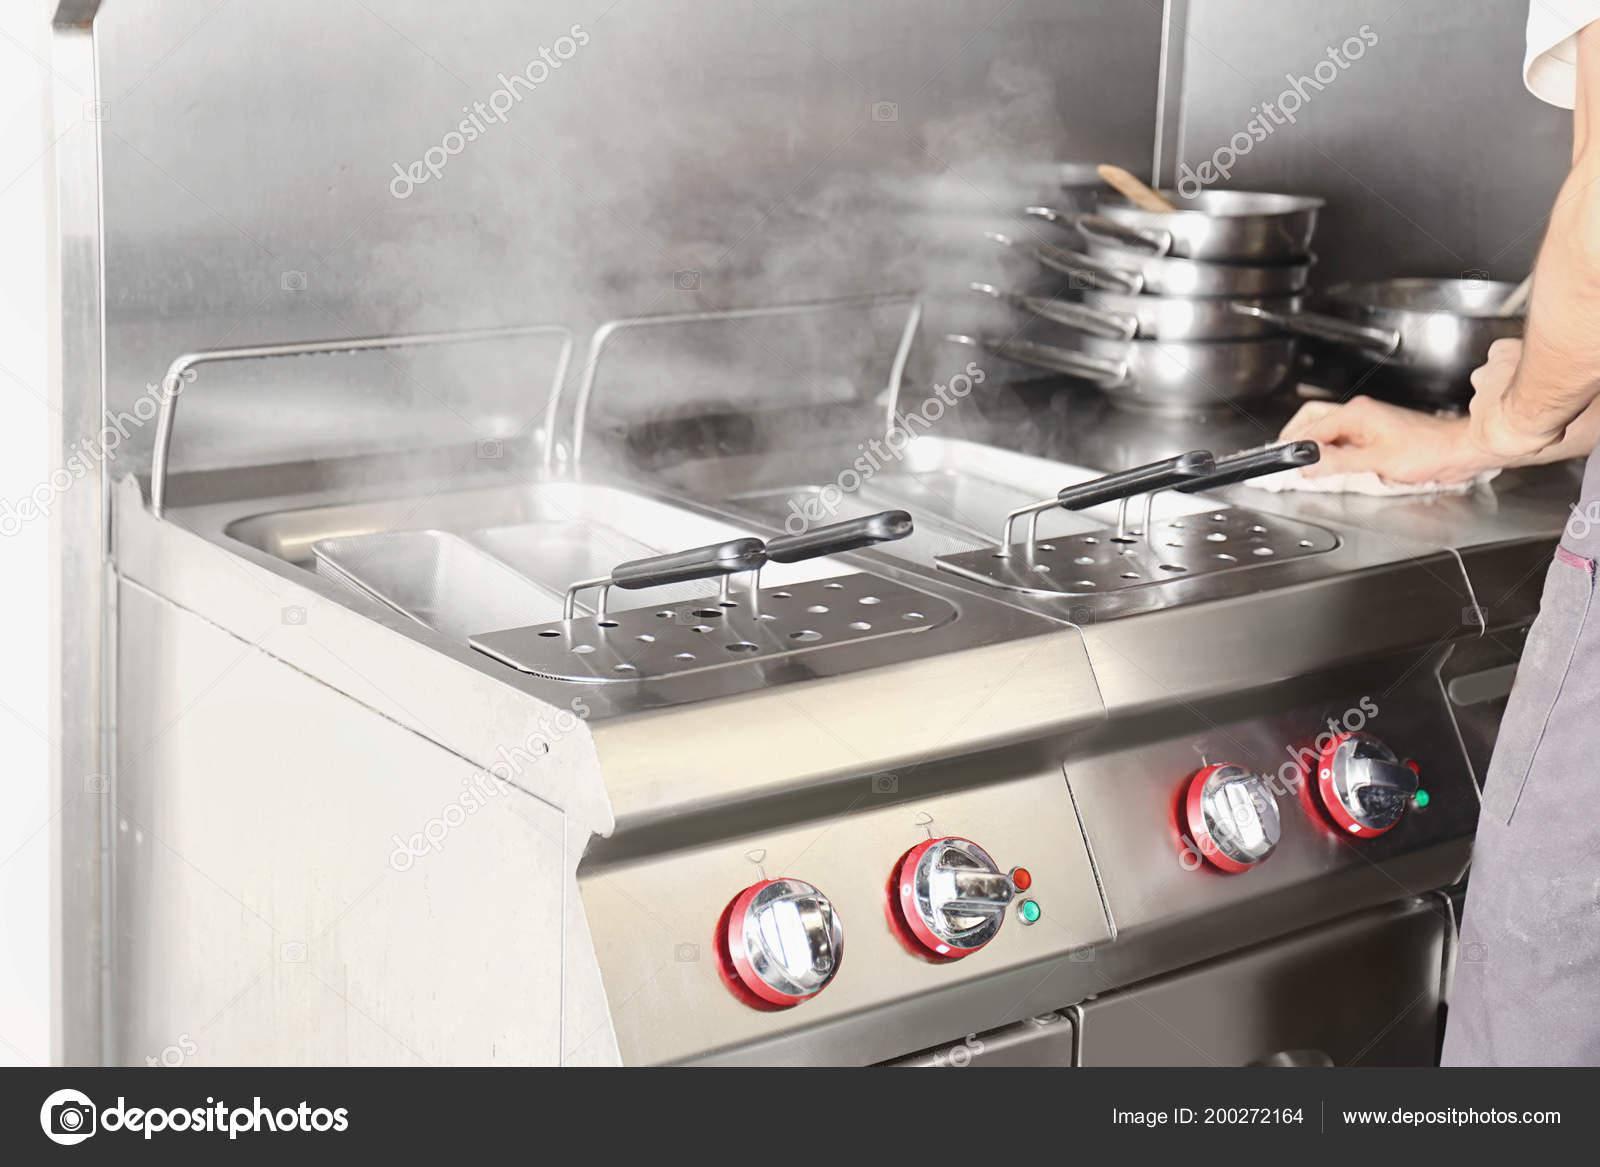 Pasta Boiler Professional Kitchen Restaurant Stock Photo